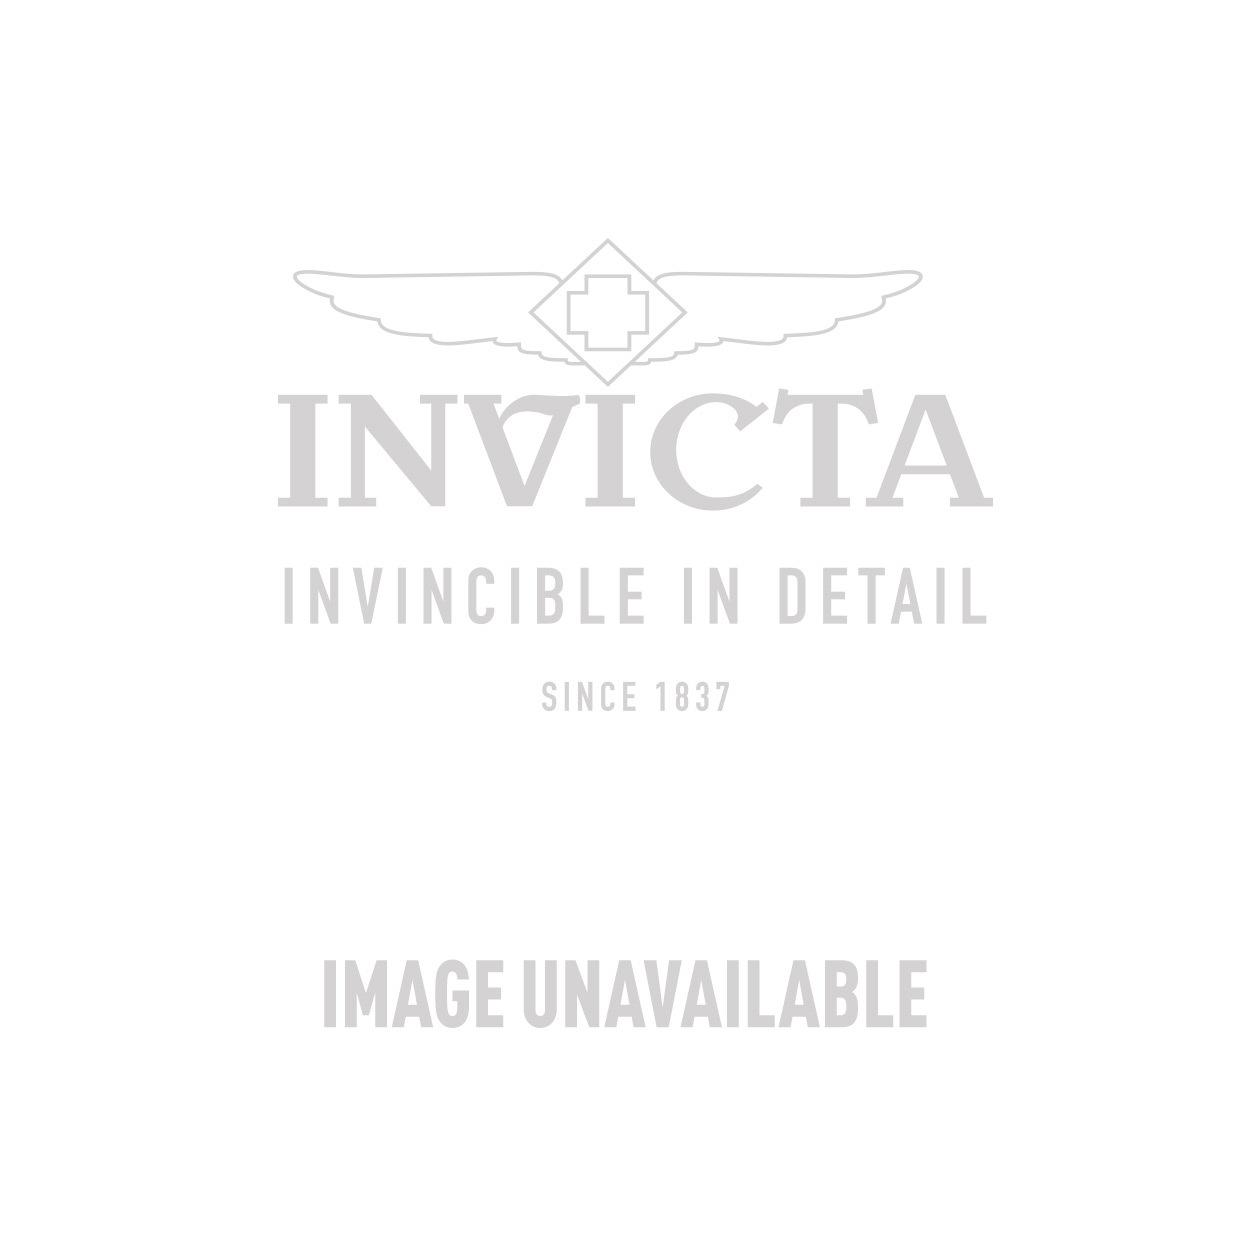 Invicta Model 28083